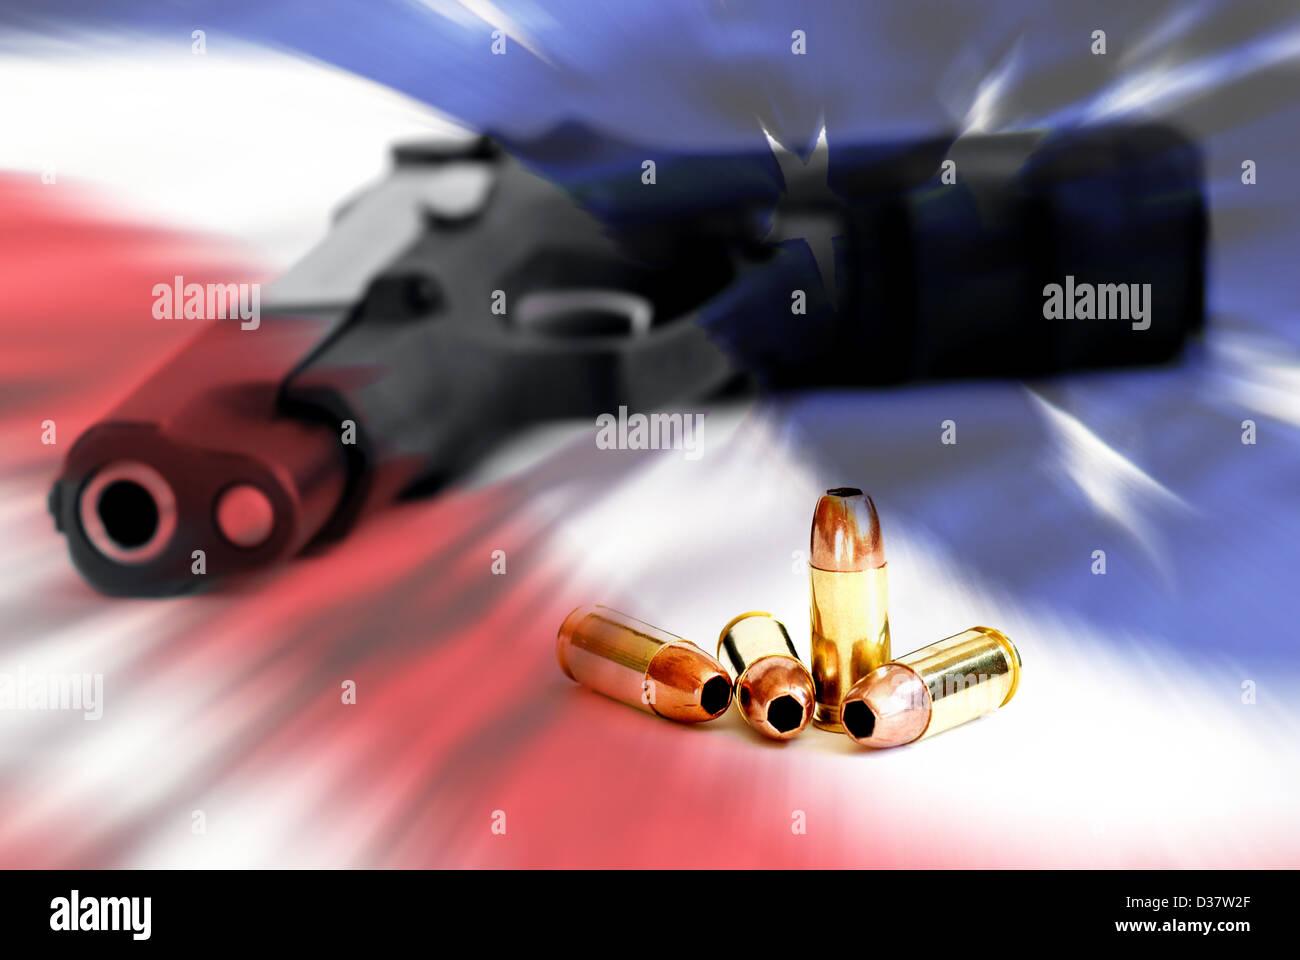 Amerikanisches Recht zu halten und Waffen tragen Stockbild